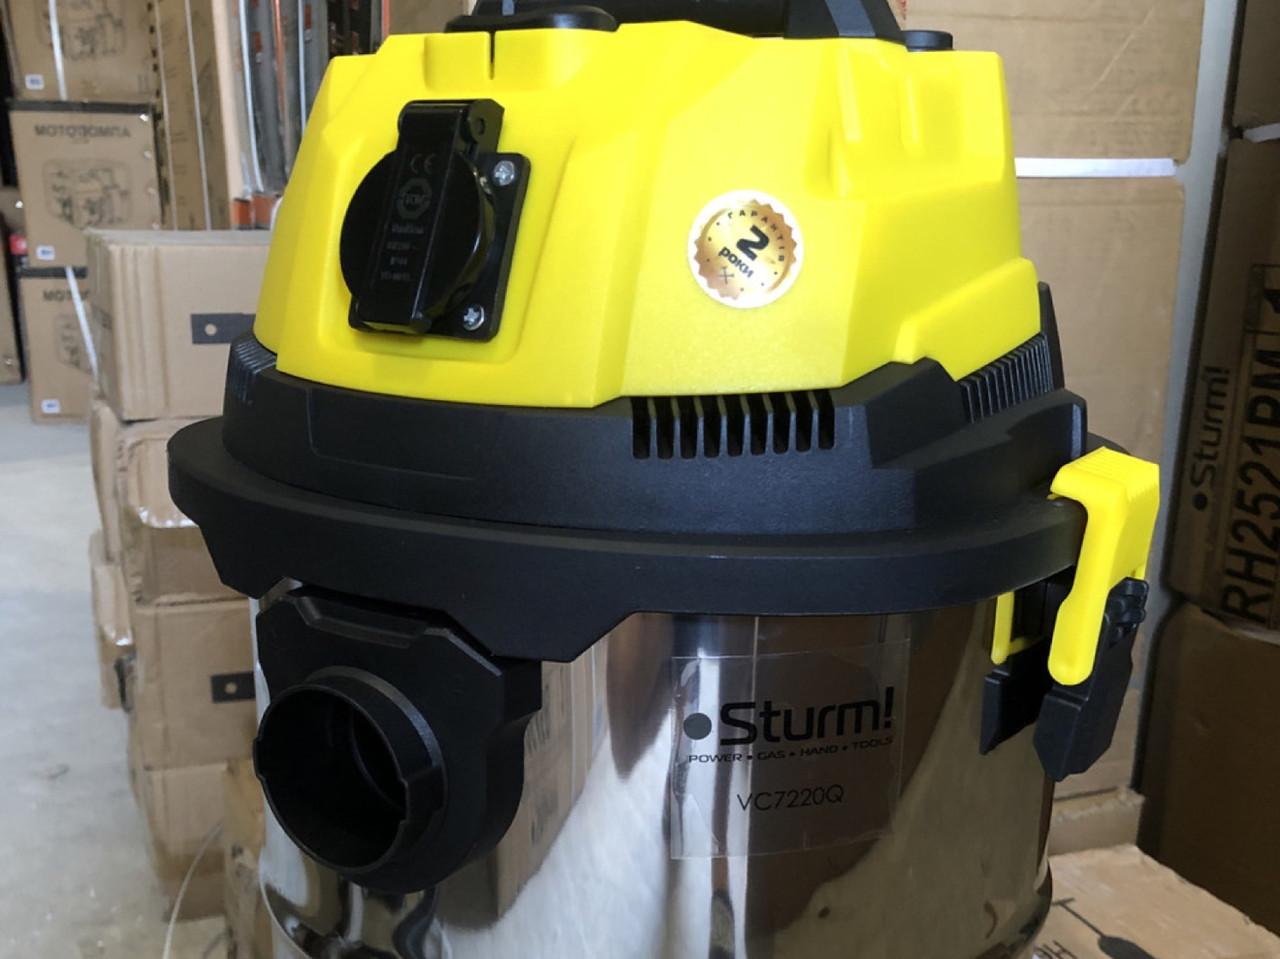 2000 ват. Строительный пылесос Sturm VC7220Q промышленый пылесос